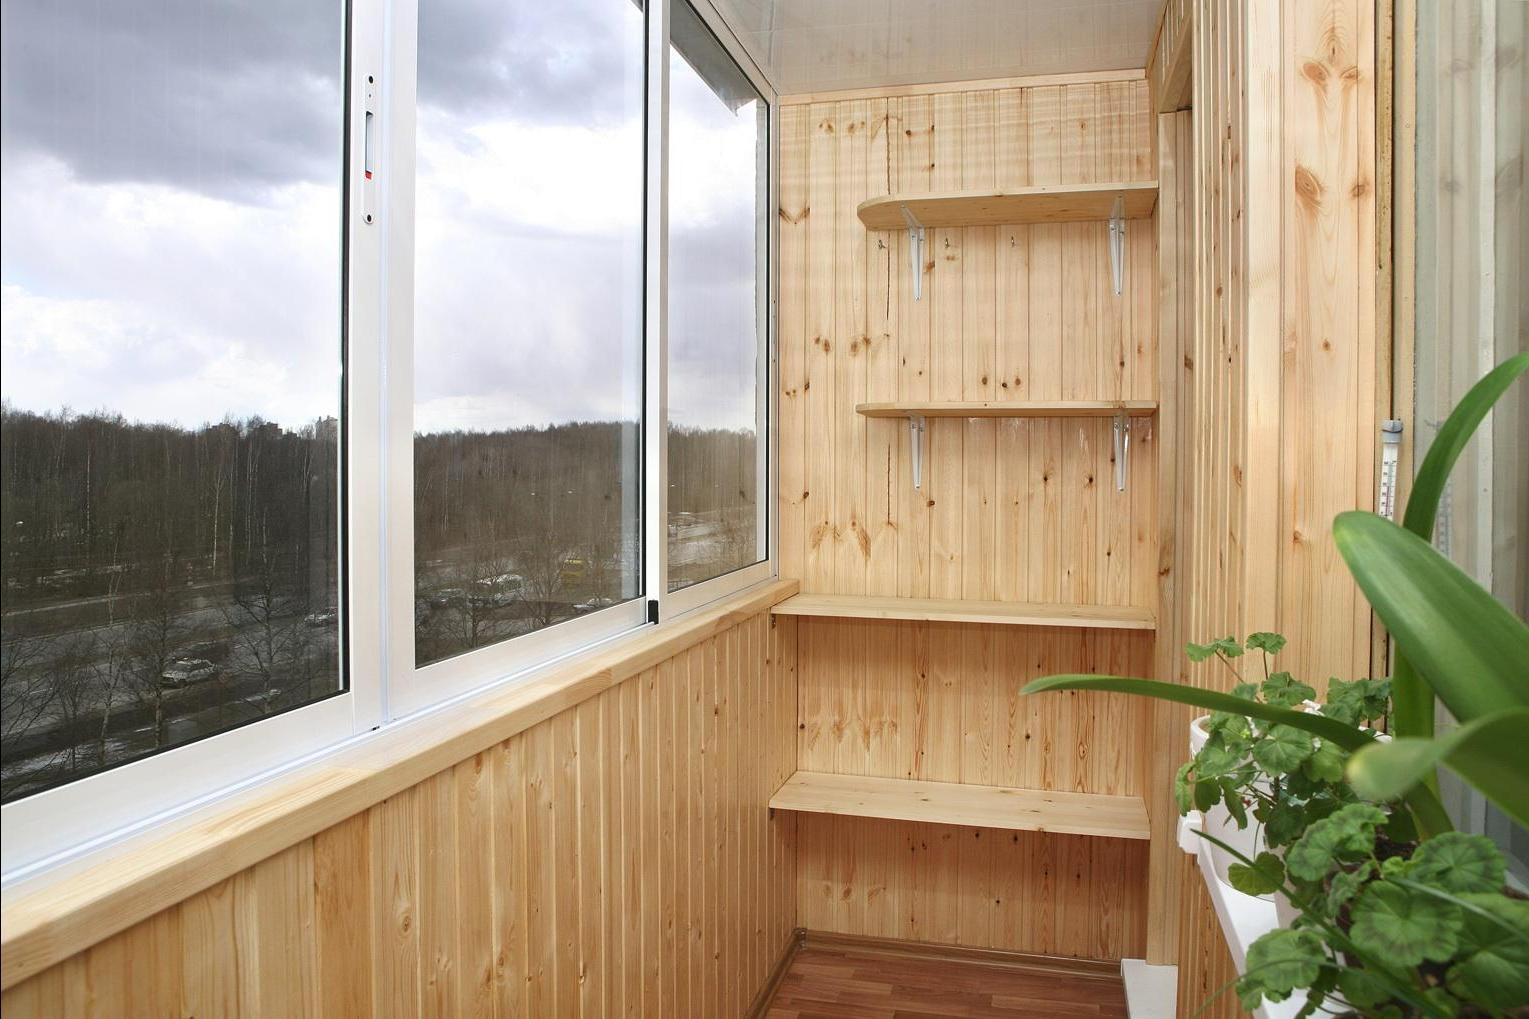 """Дизайн интерьера балкона и лоджии """" Картинки и фотографии дизайна квартир, домов, коттеджей"""